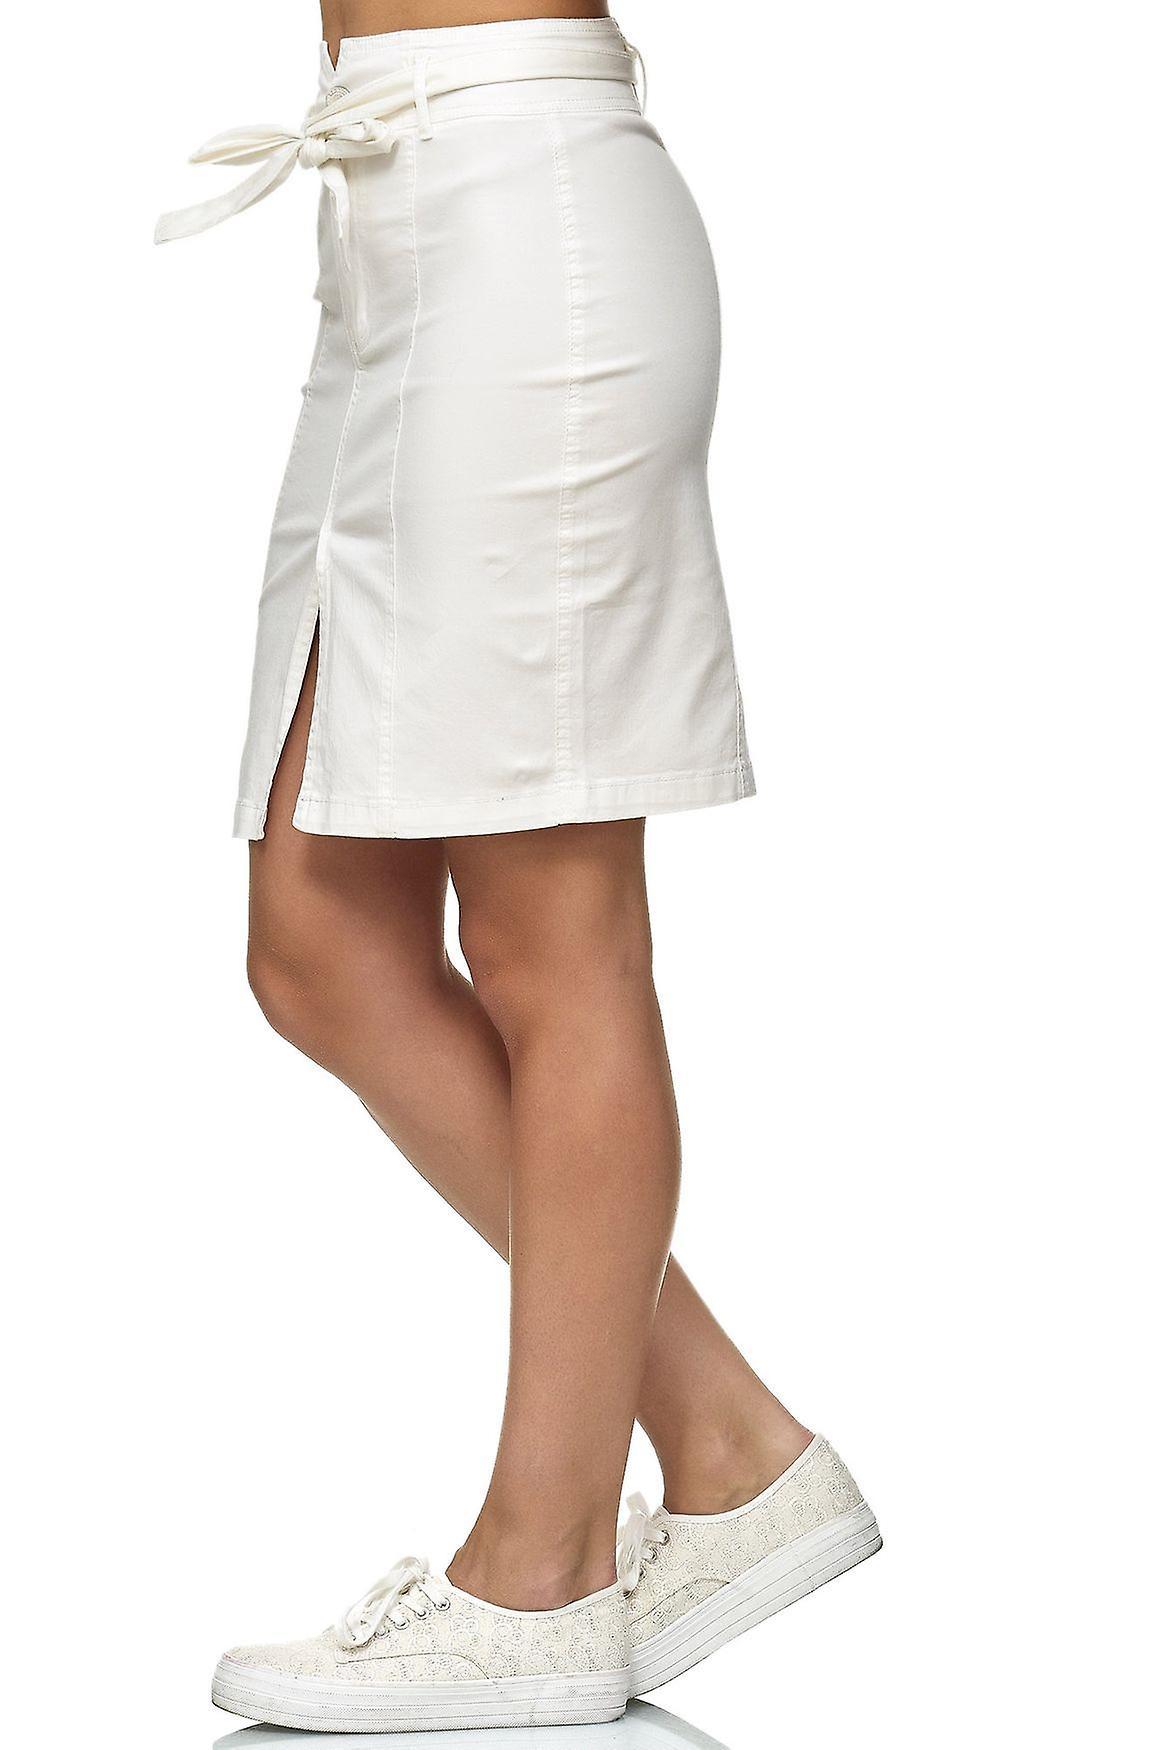 Kvinnors kjol Front Slit och slips bälte knälång Stretch Midi kjol svart vit